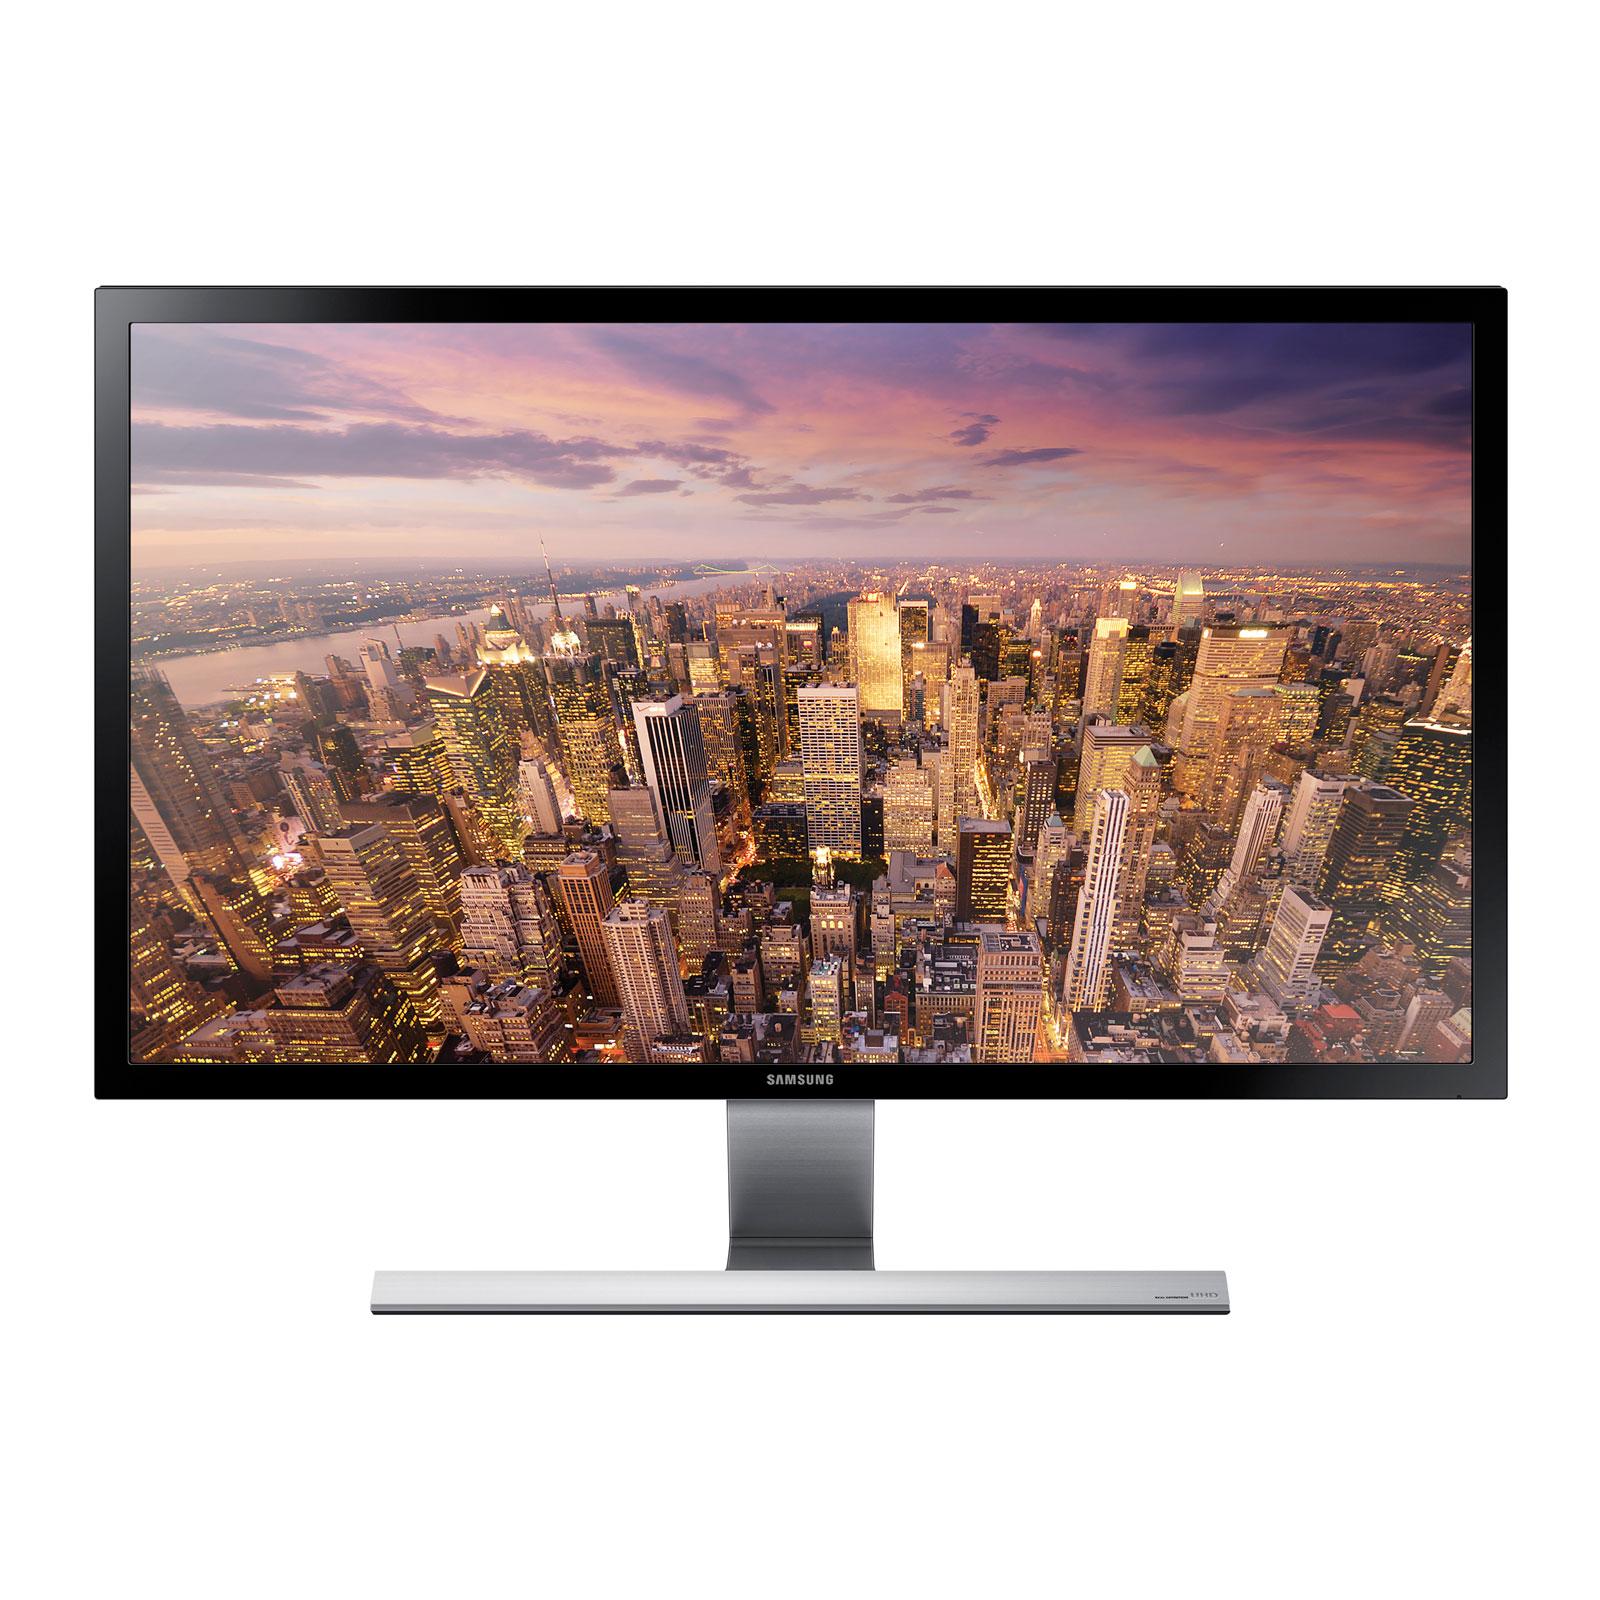 """Ecran PC Samsung 28"""" LED - U28D590D 3840 x 2160 pixels - 1 ms - Format large 16/9 - Displayport - 2x HDMI - Noir"""